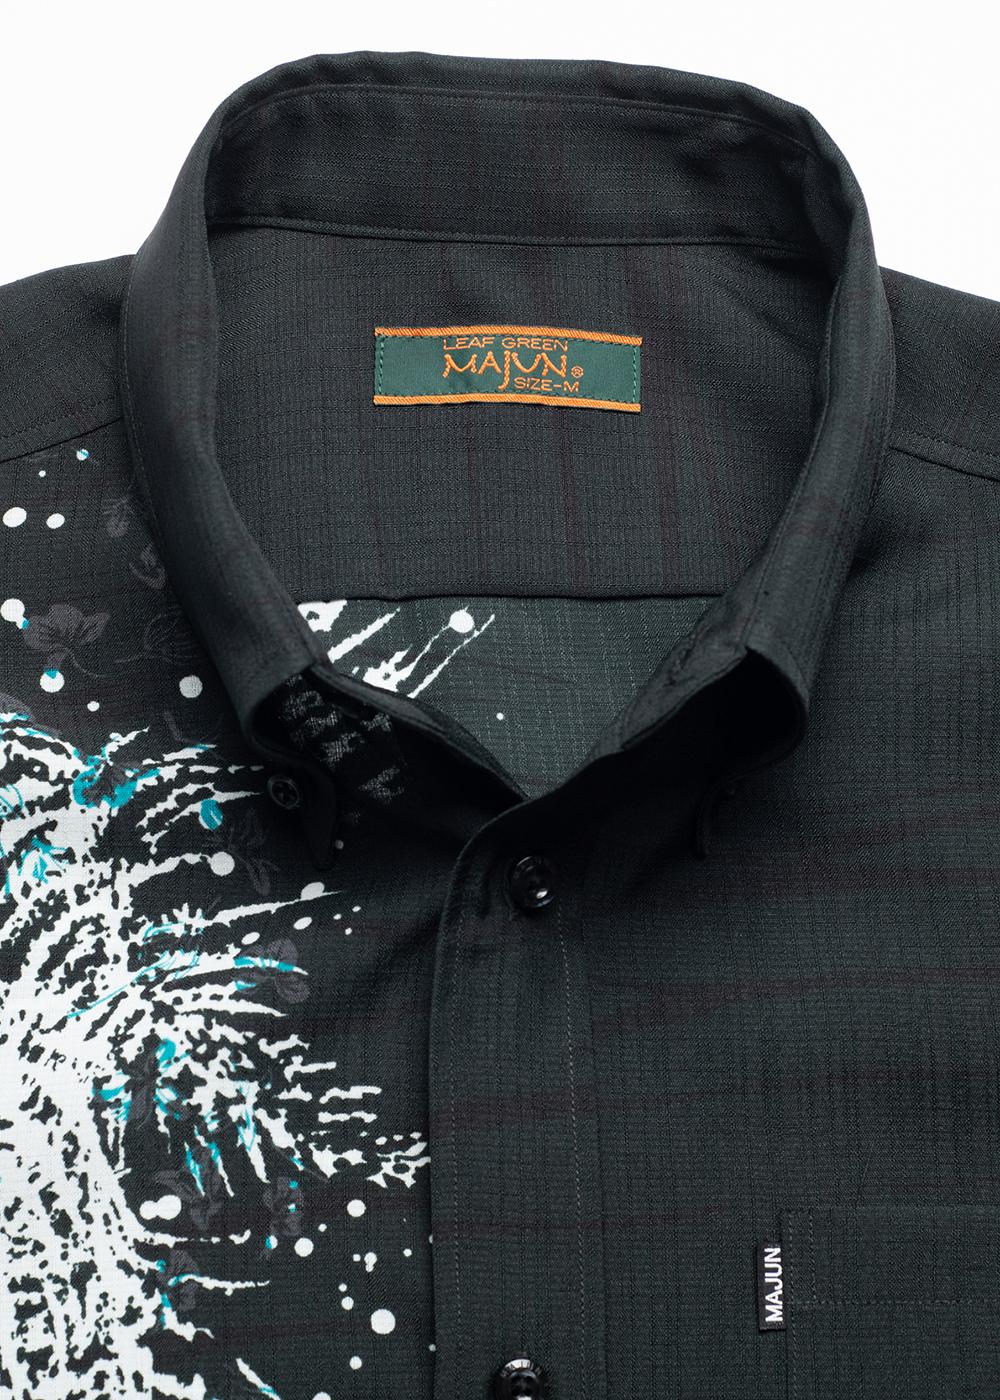 かりゆしウェア(沖縄版アロハシャツ) MAJUN - トレックラッシュ